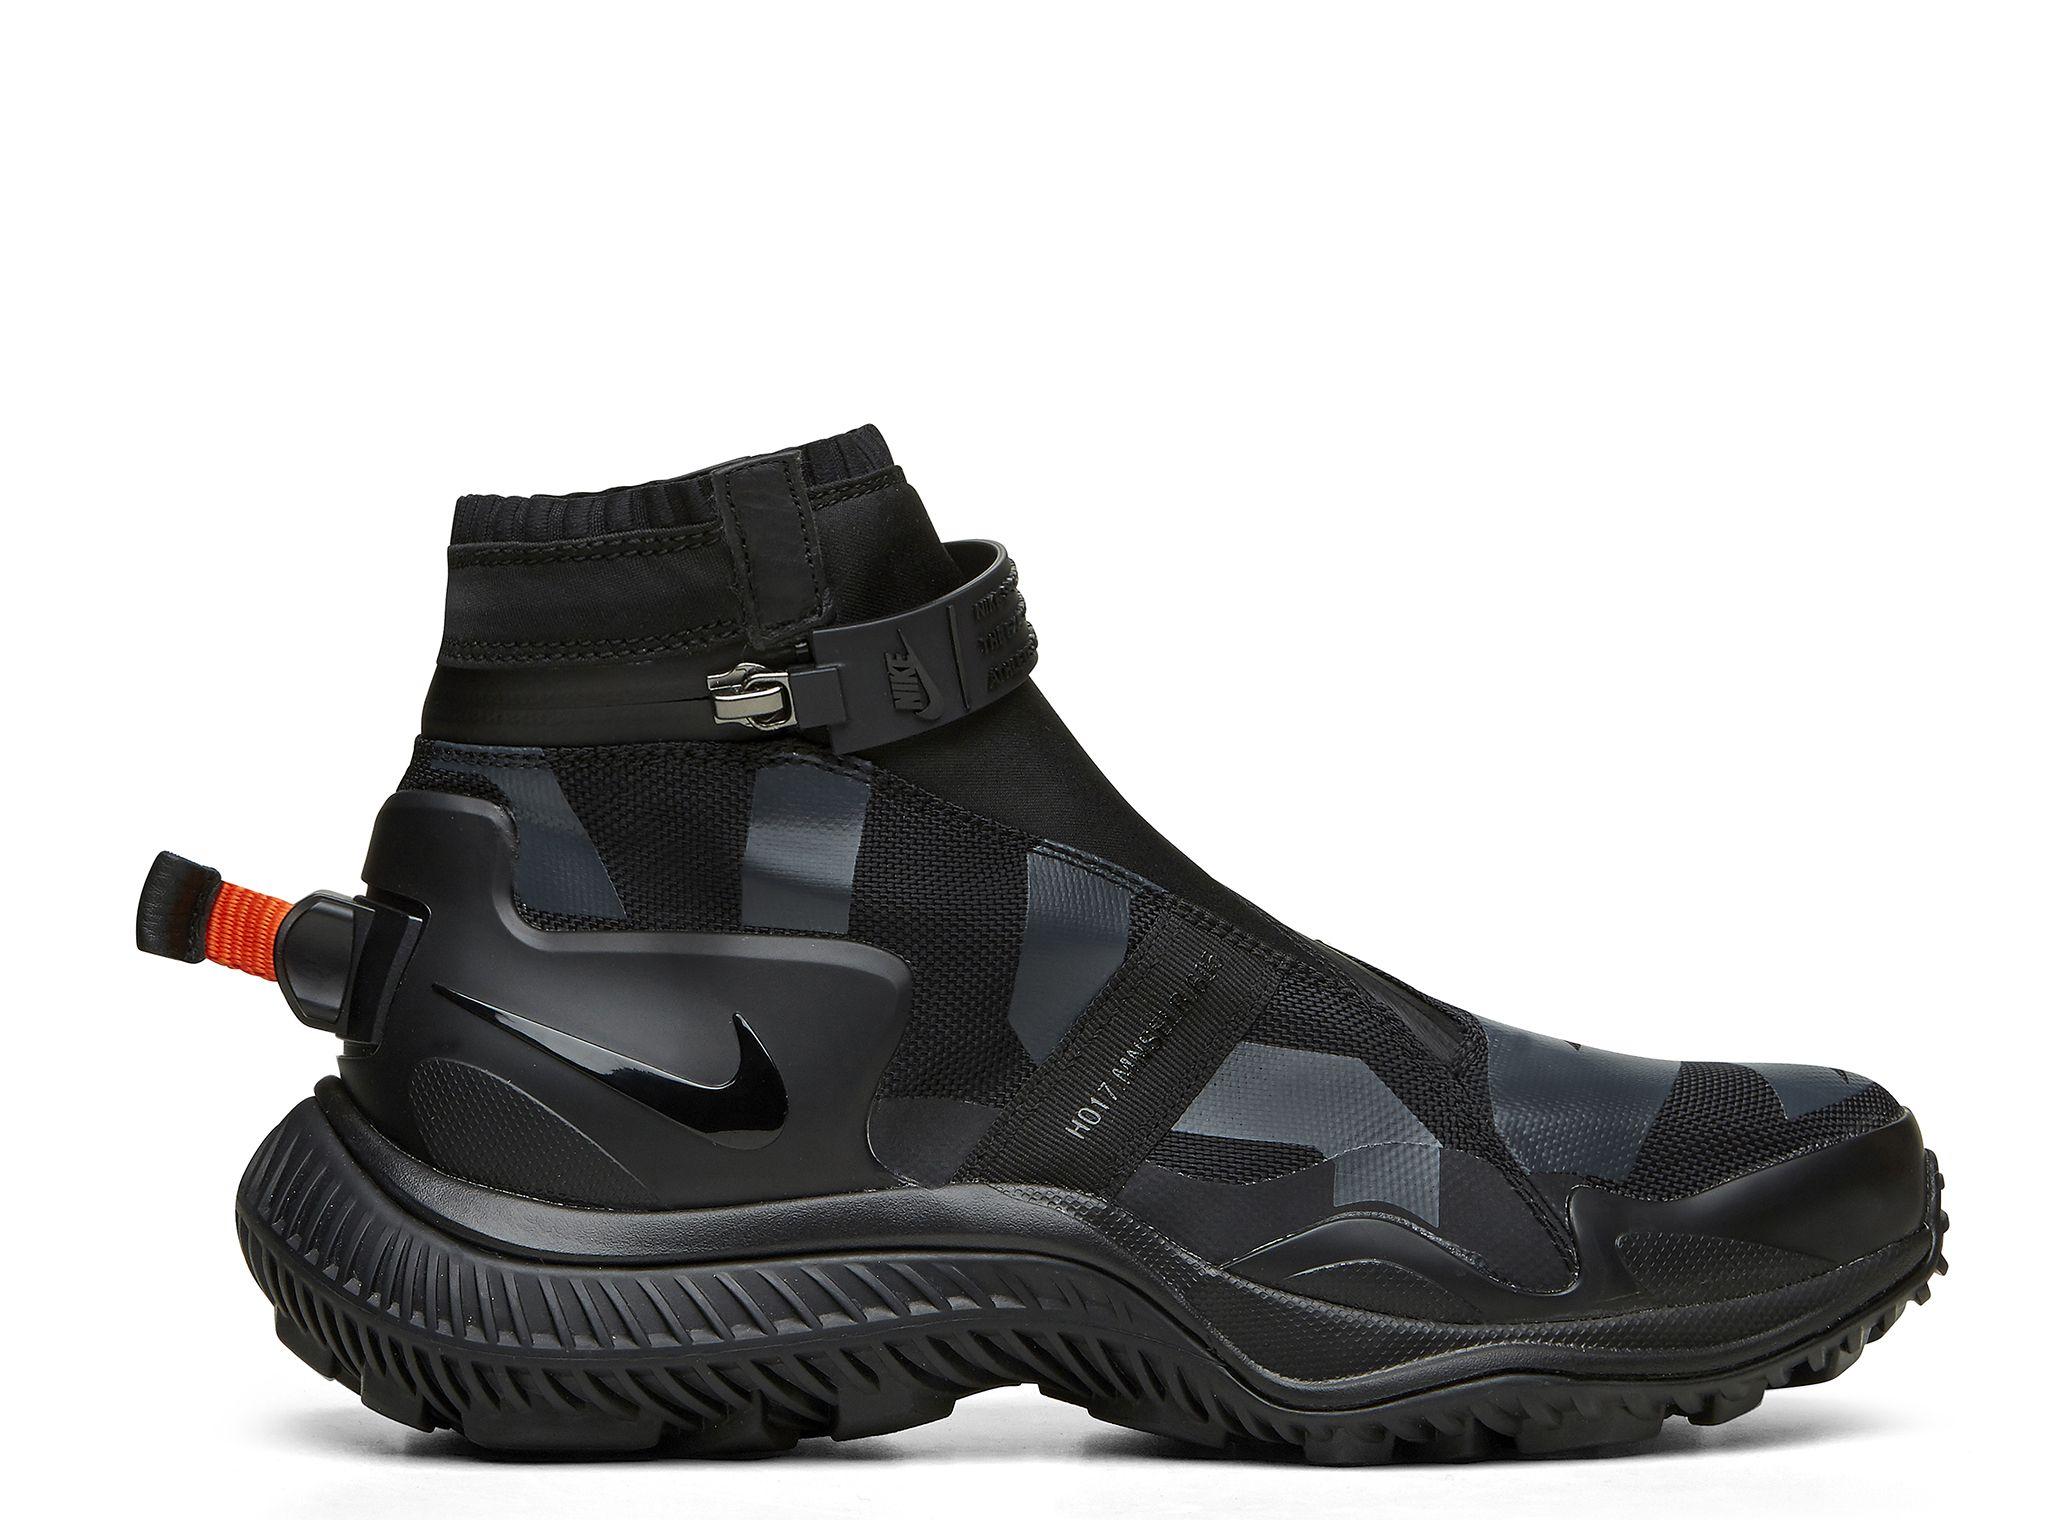 3695211d2b9583 Nikelab x Gyakusou Mens Gaiter Boot - Sneakerboy